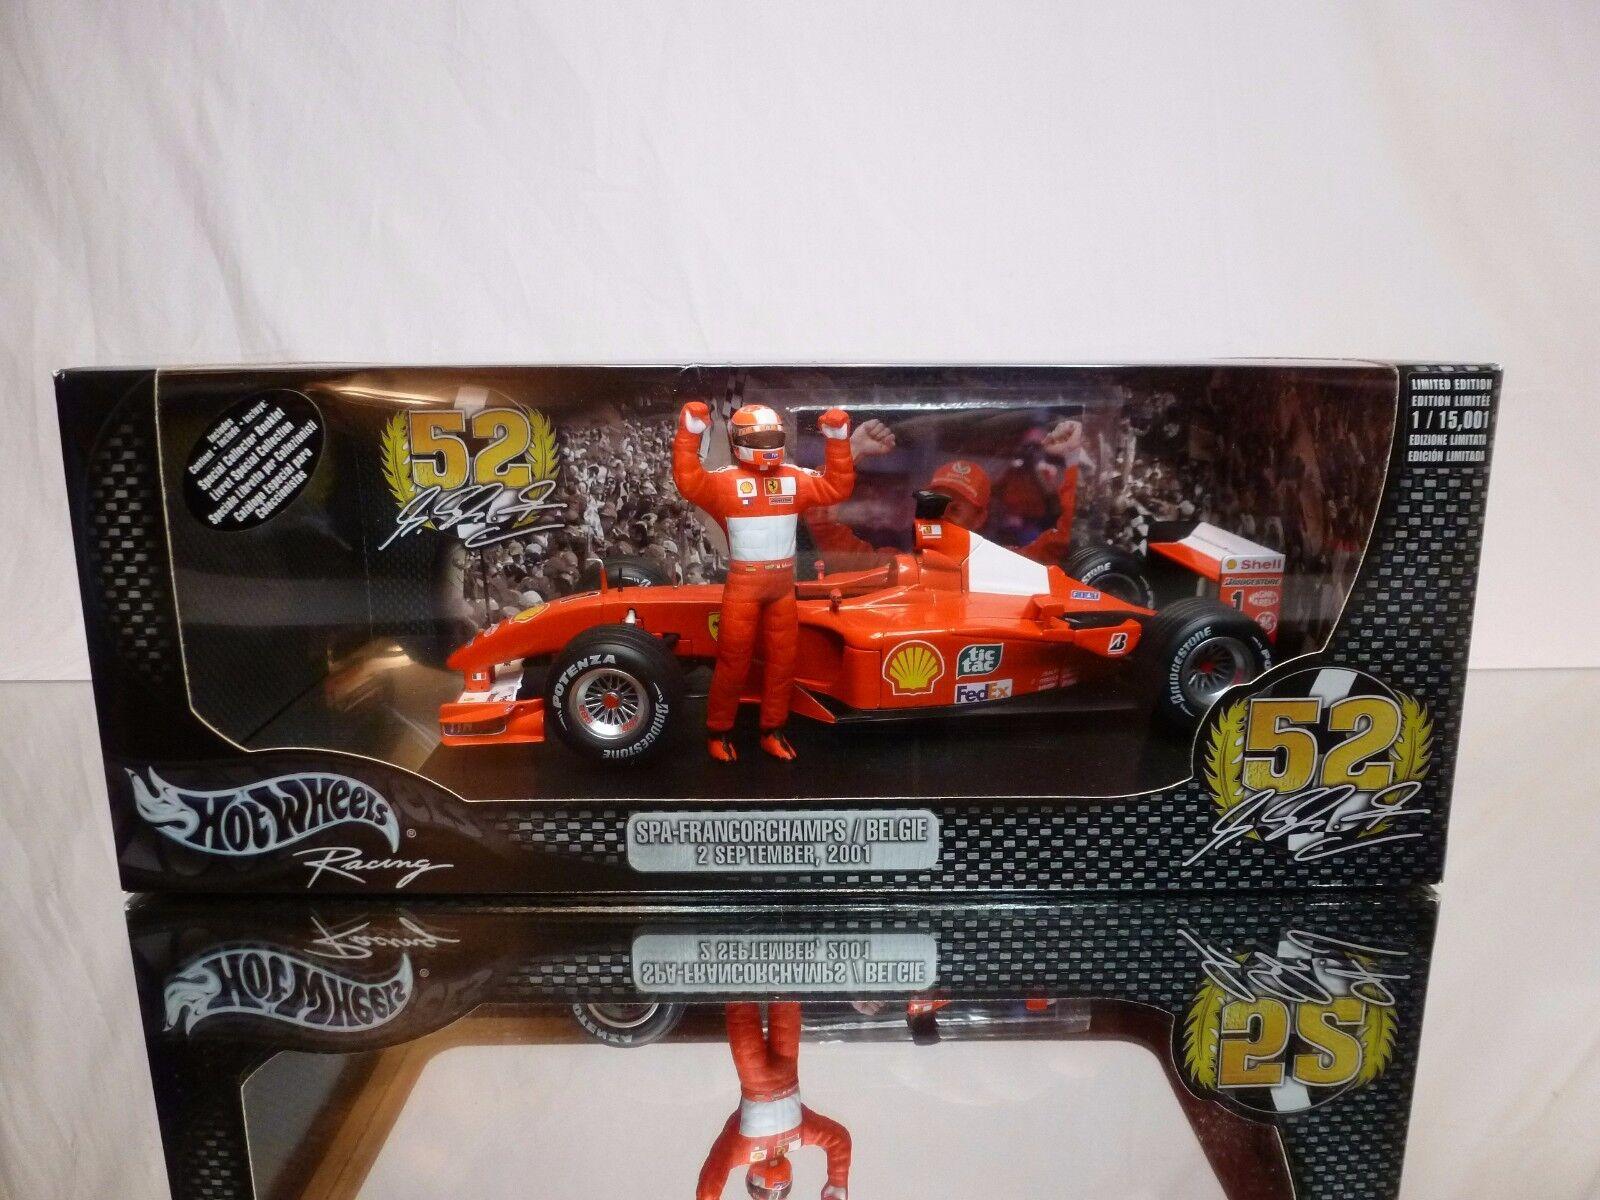 negozio fa acquisti e vendite Caliente ruedaS 55698 FERRARI F2001 - SPA SPA SPA - SCHUMACHER - F1 1 18 - EXCELLENT IN scatola  rivenditore di fitness